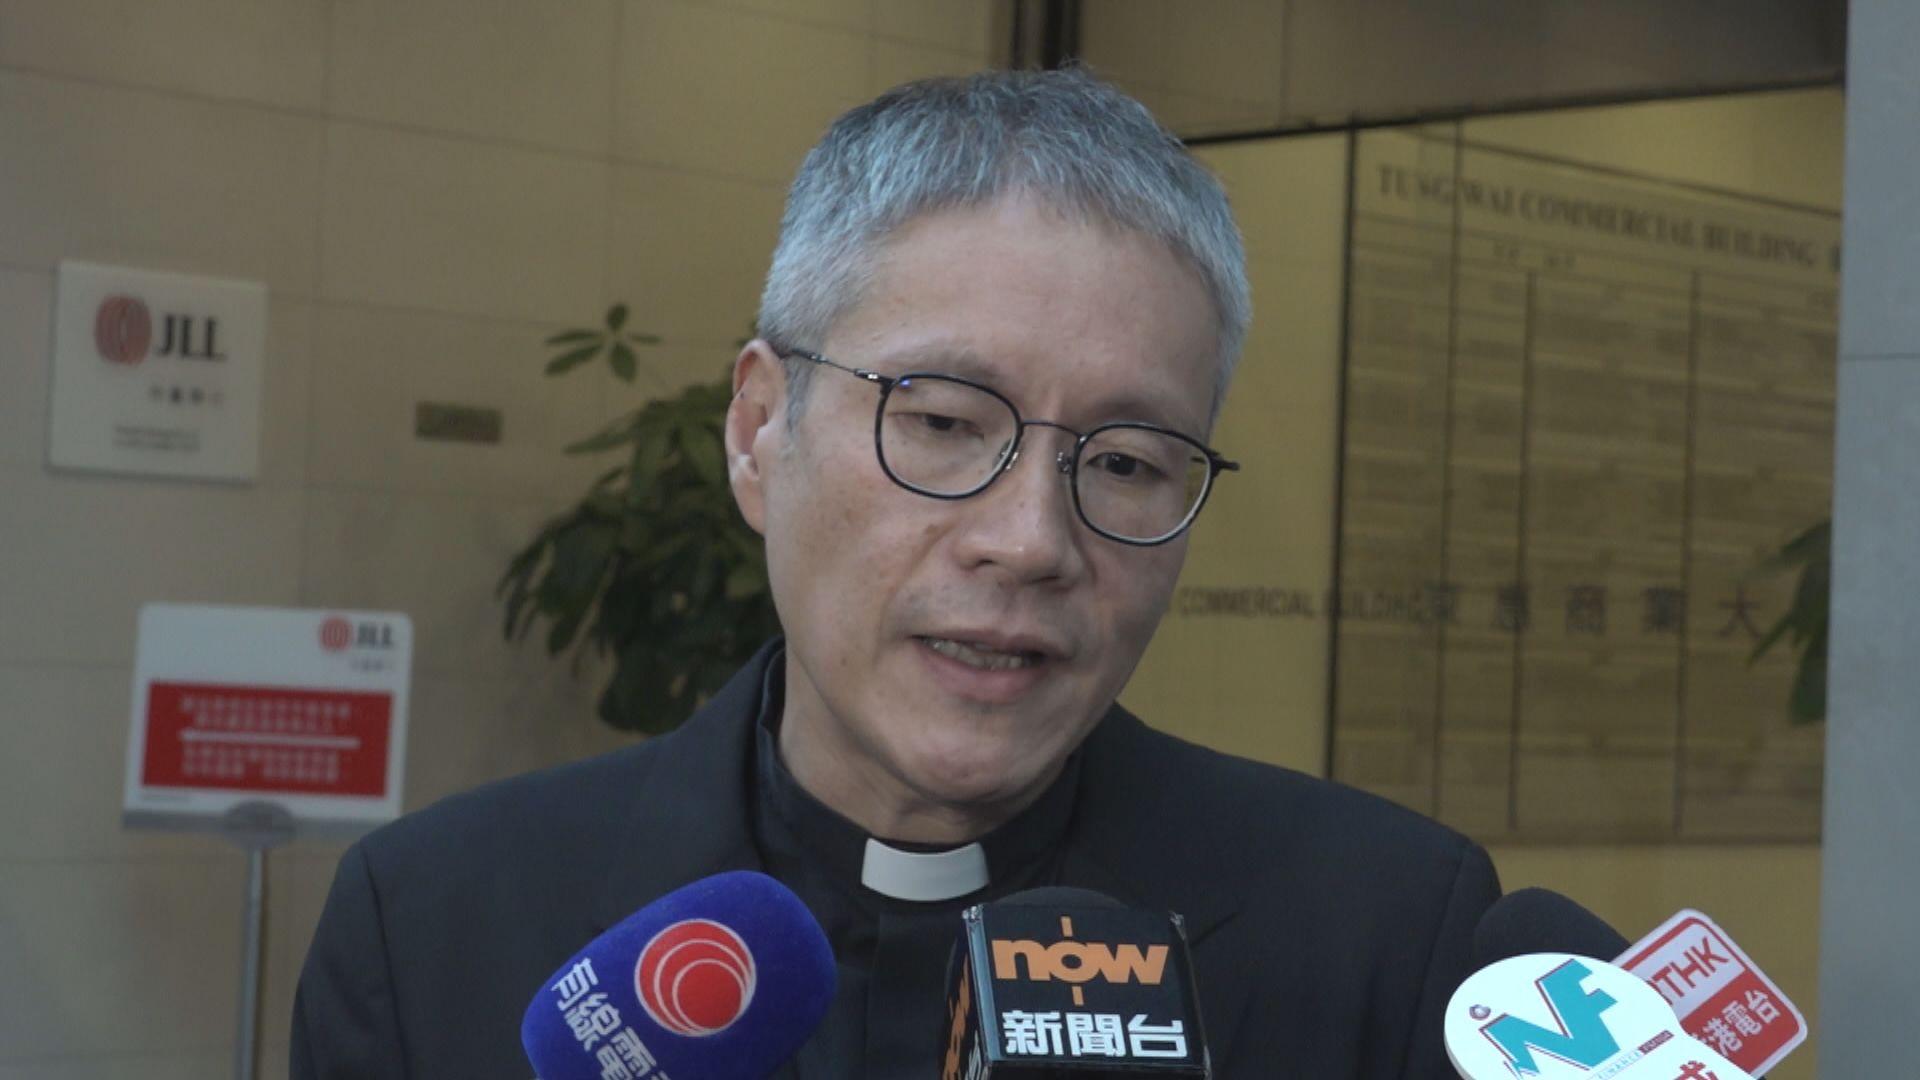 管浩鳴發放文件顯示台灣對陳同佳投案態度反覆